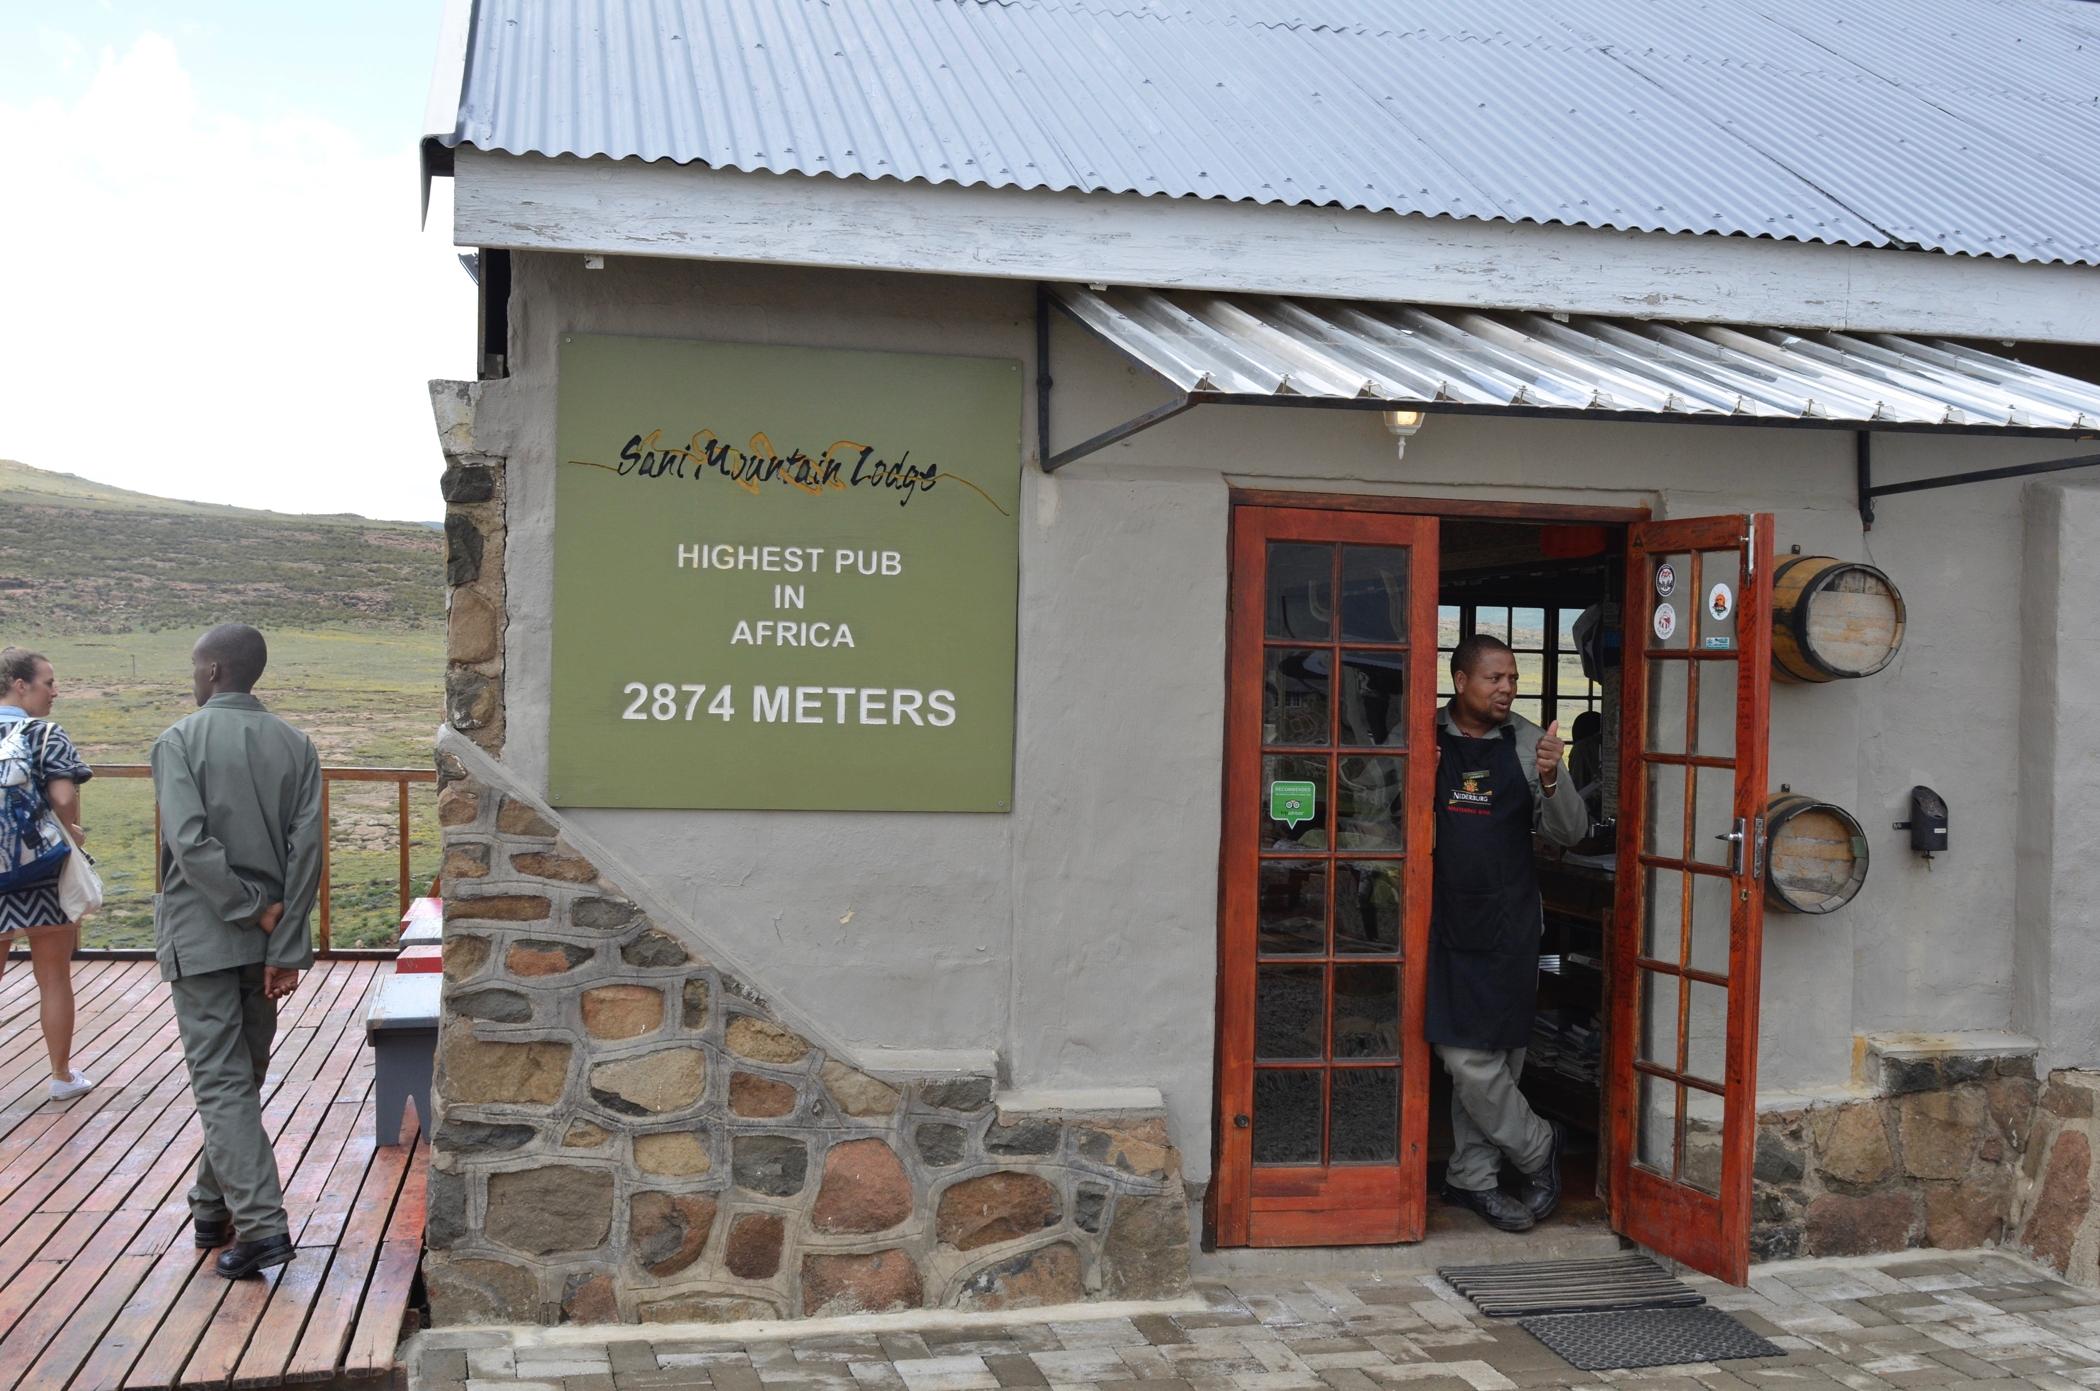 Ein Südafrika Roadtrip bringt dich zum höchsten Pub in Afrika